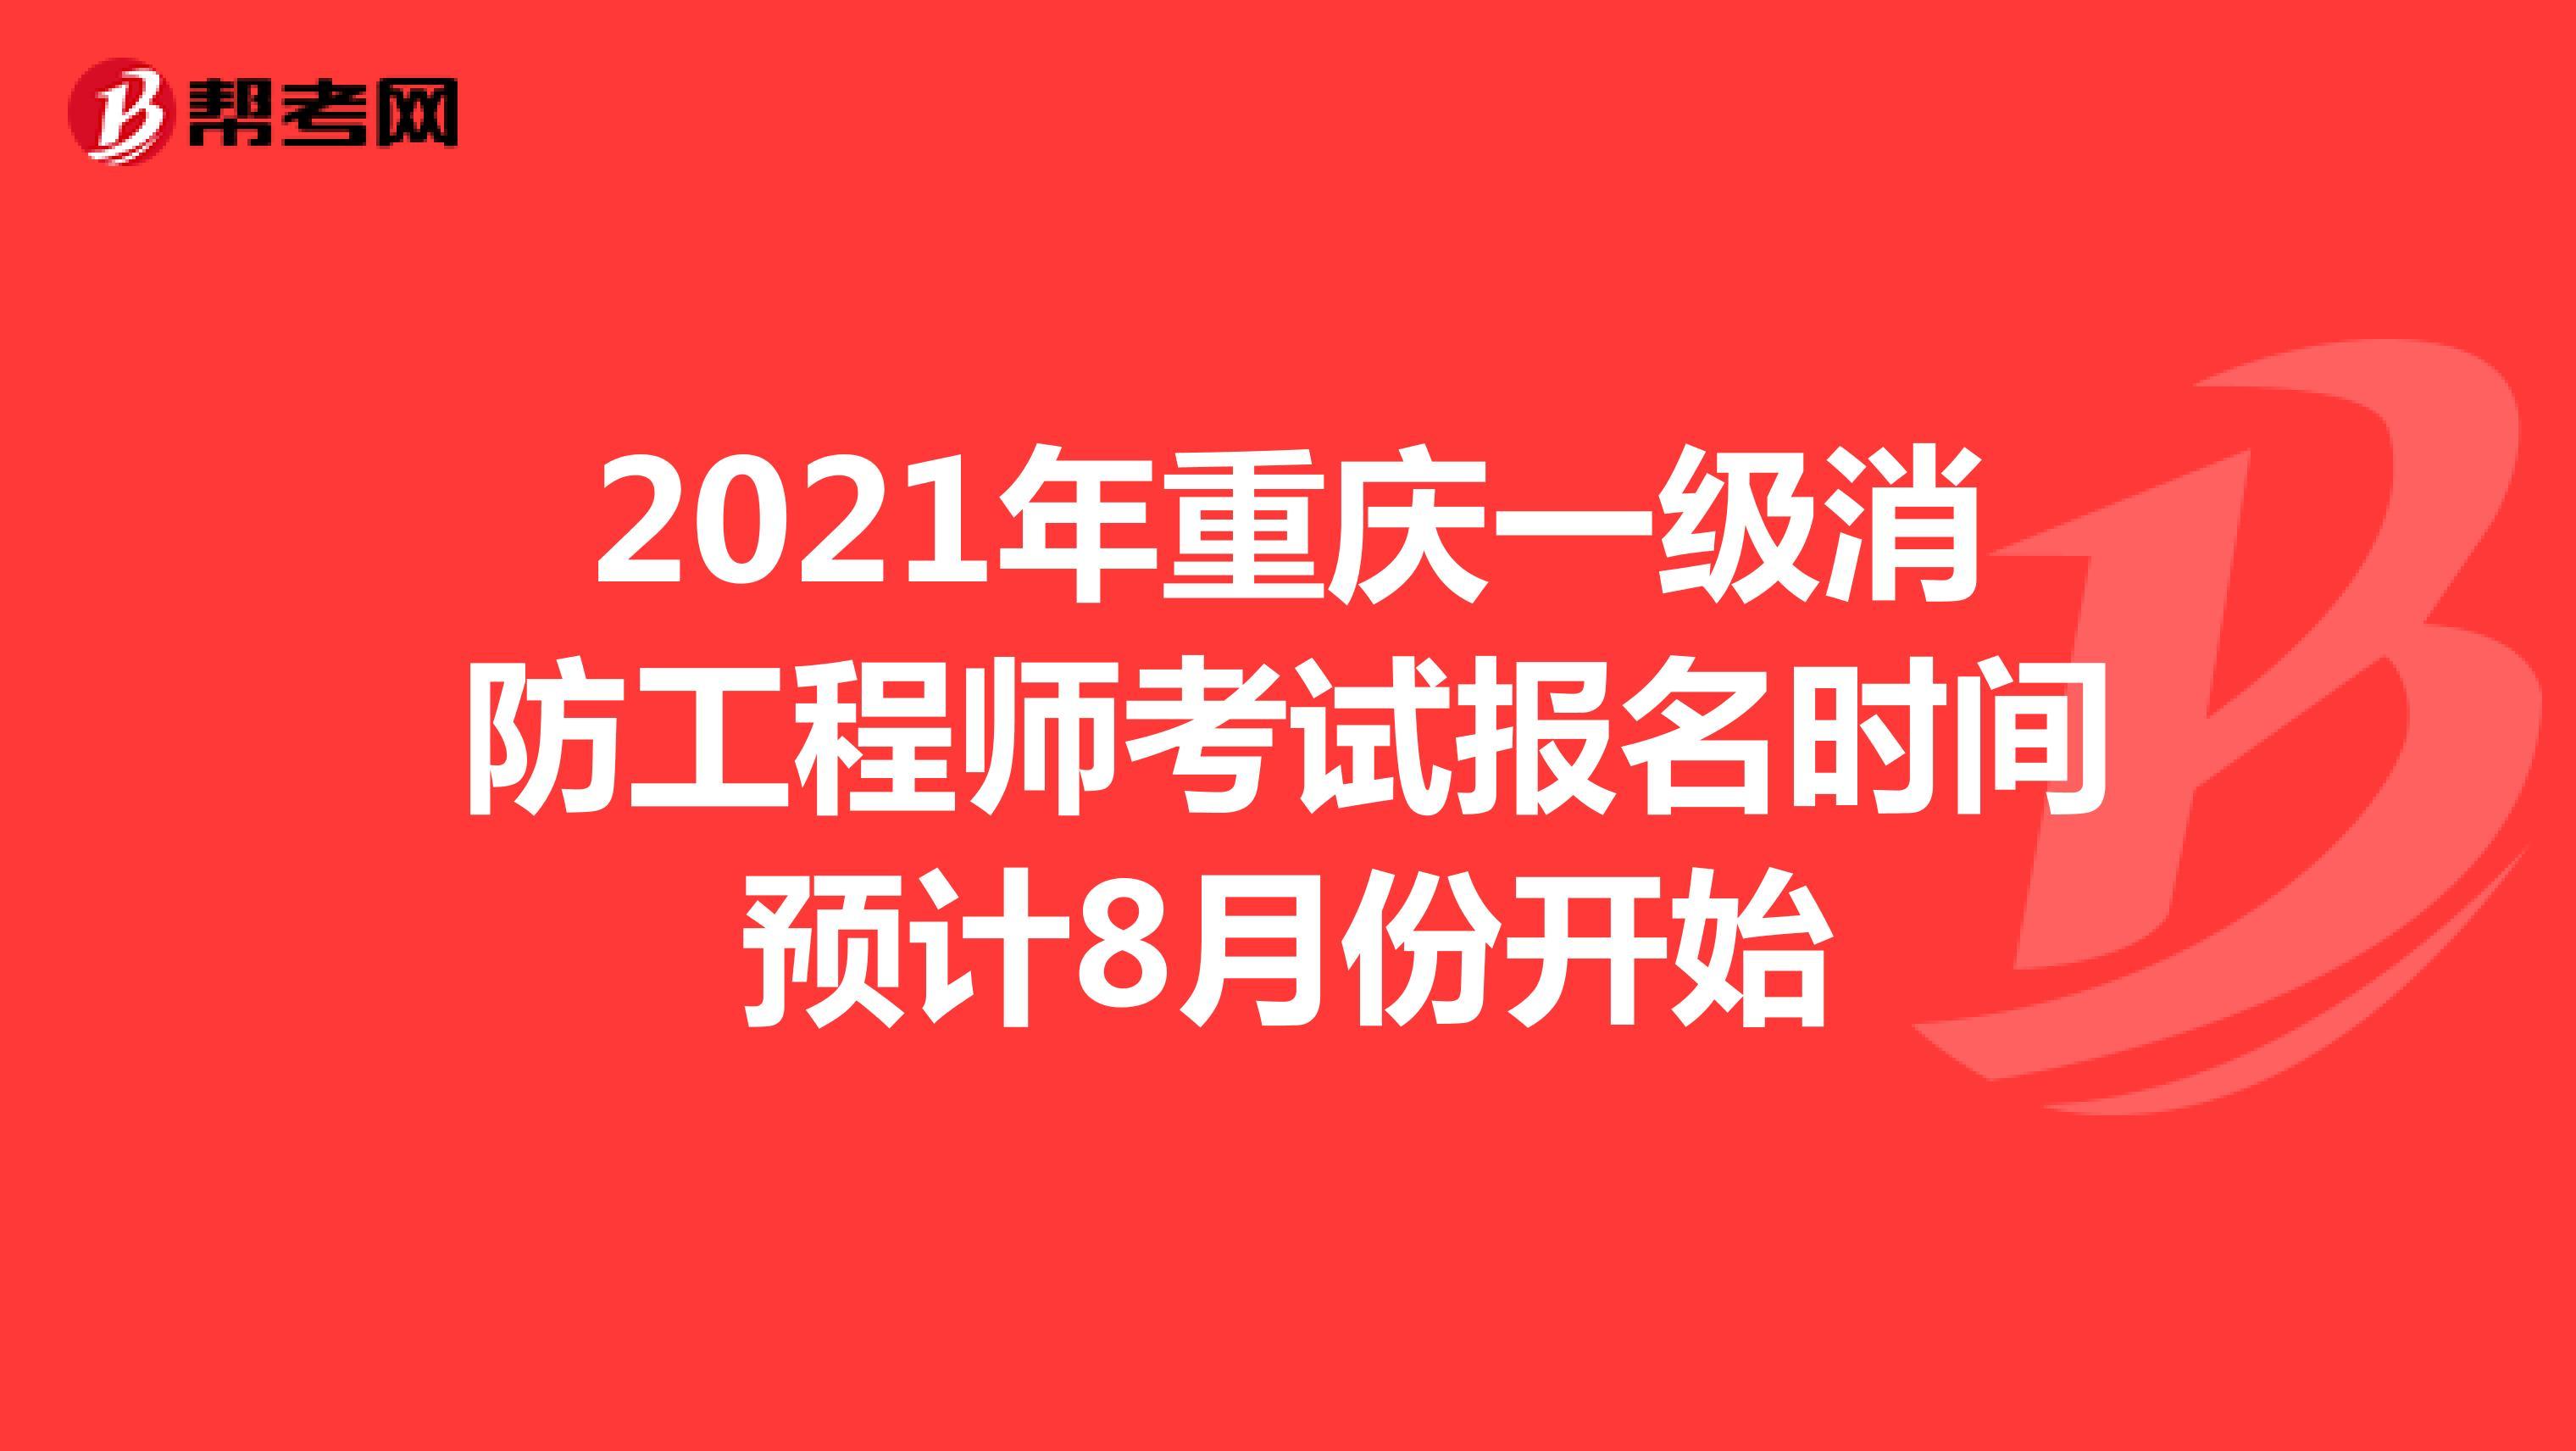 2021年重庆一级消防工程师考试报名时间预计8月份开始